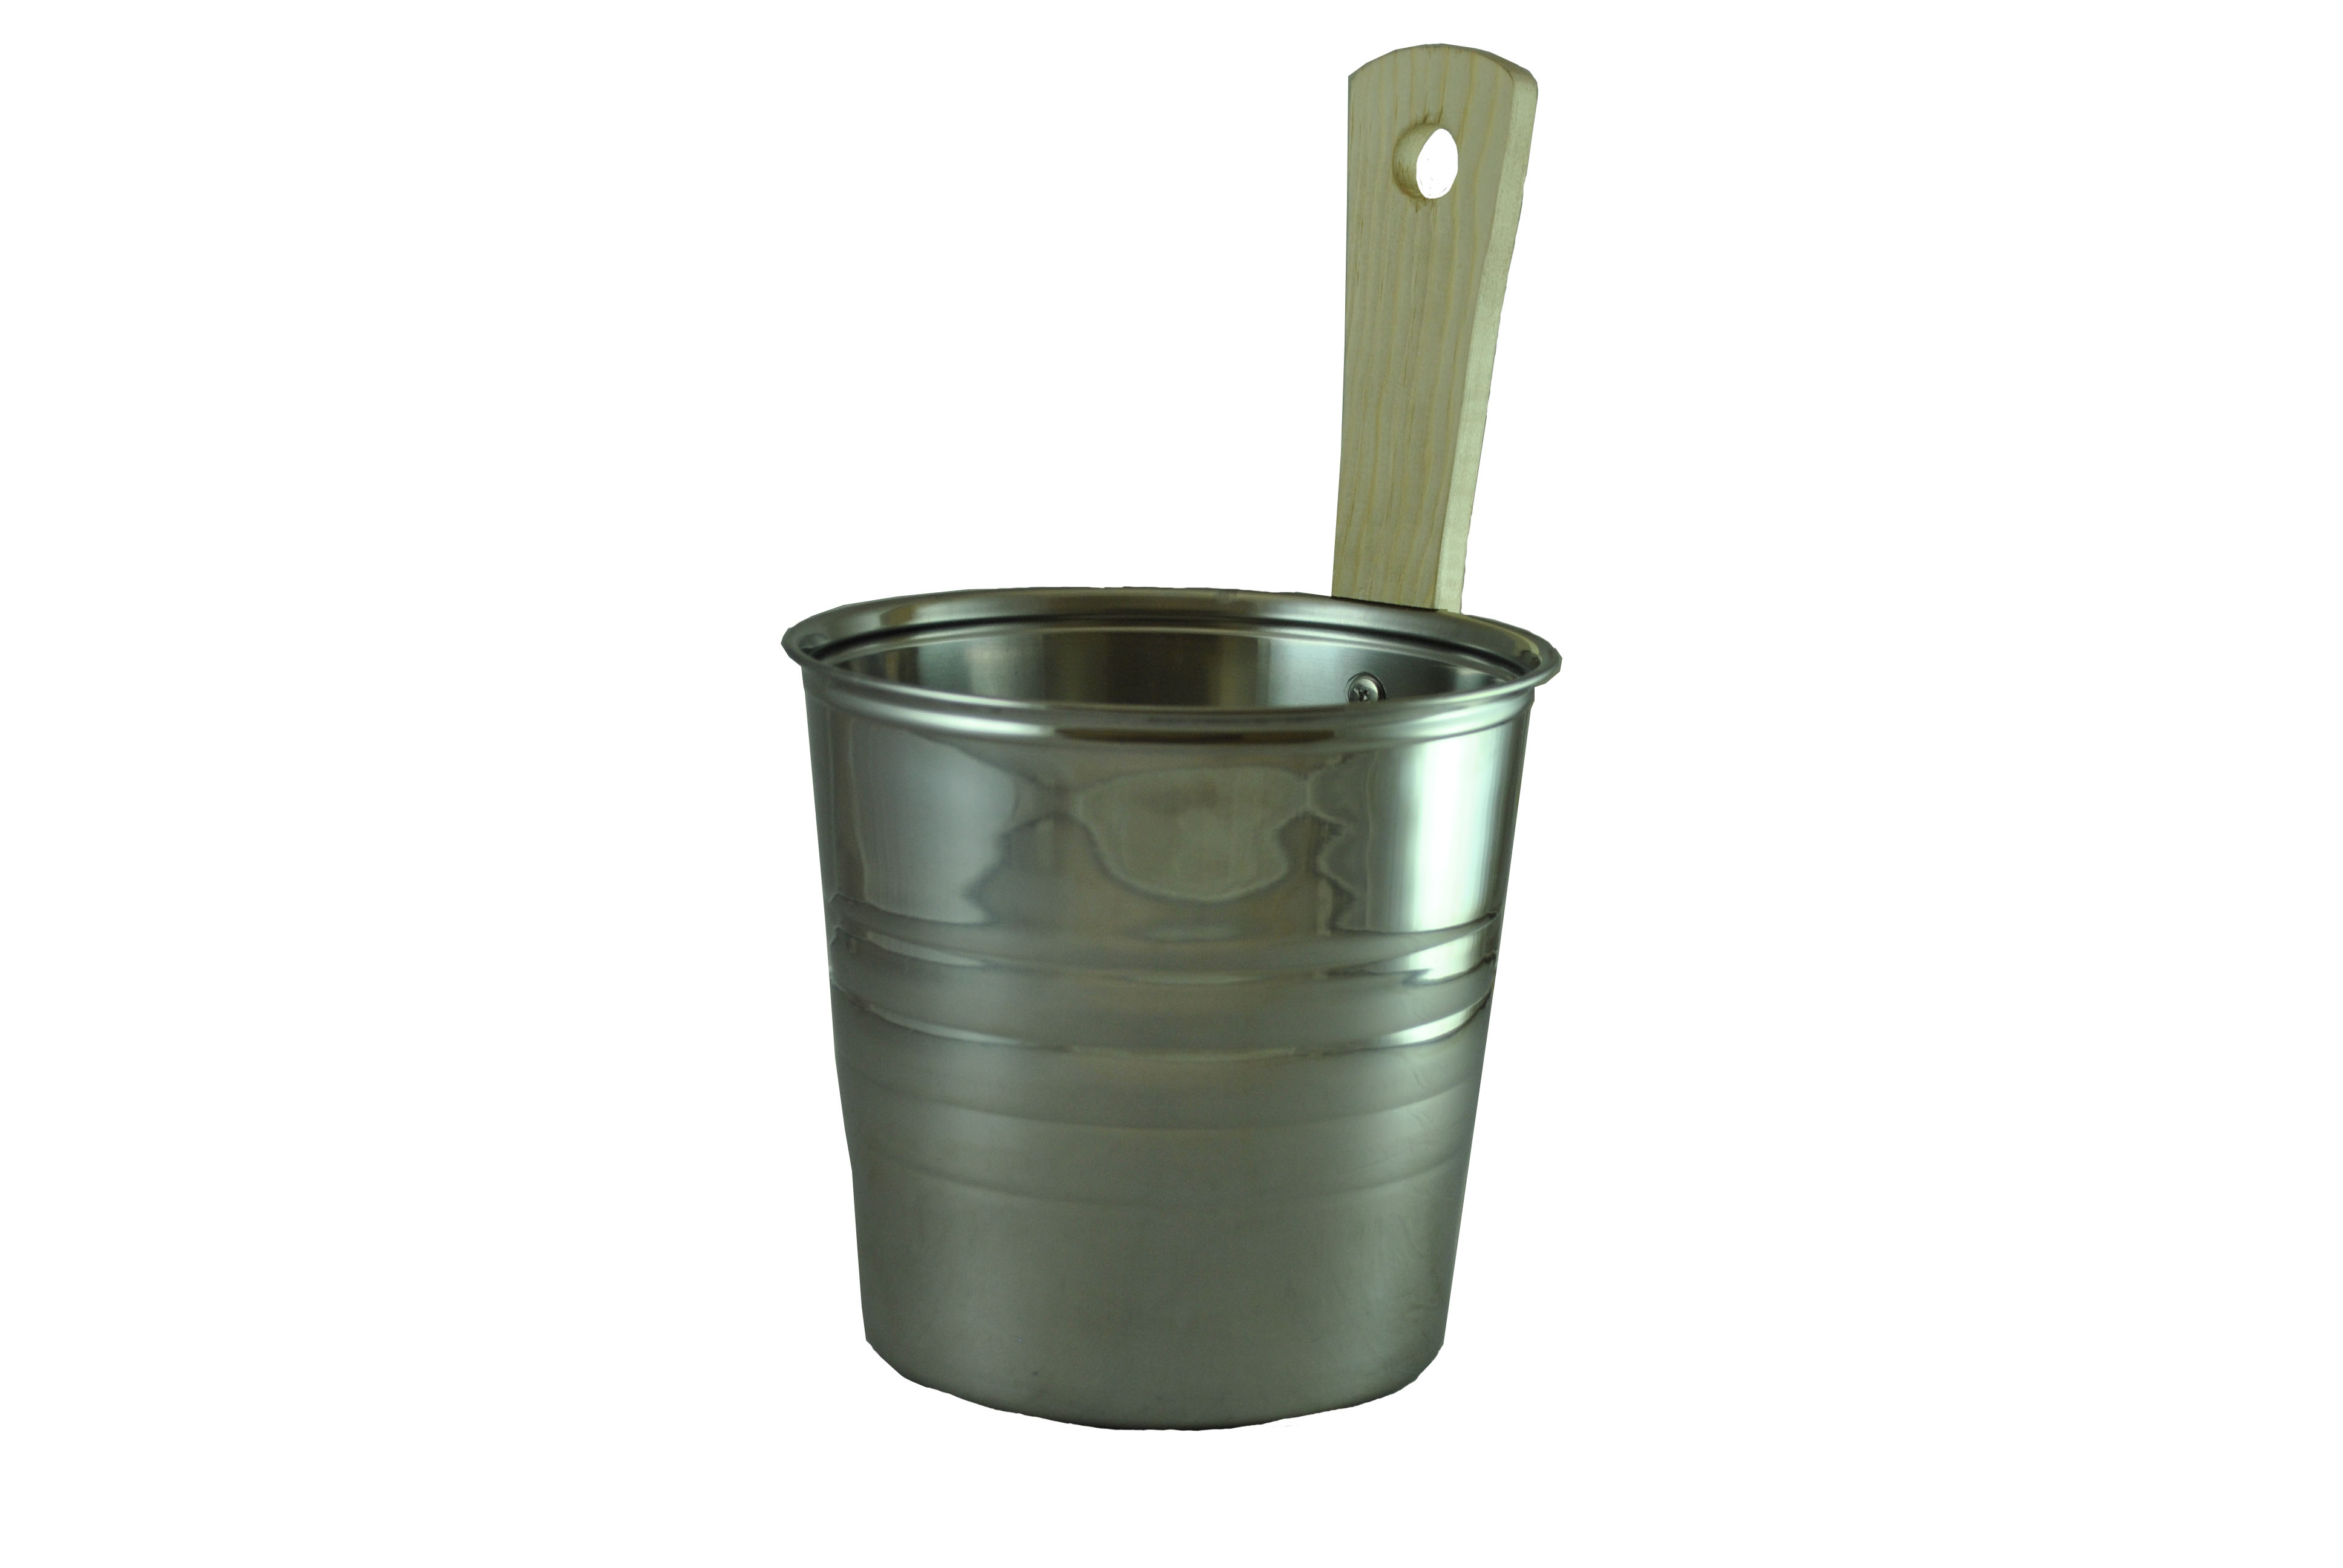 Steel Sauna Bucket - 3.5 Liters